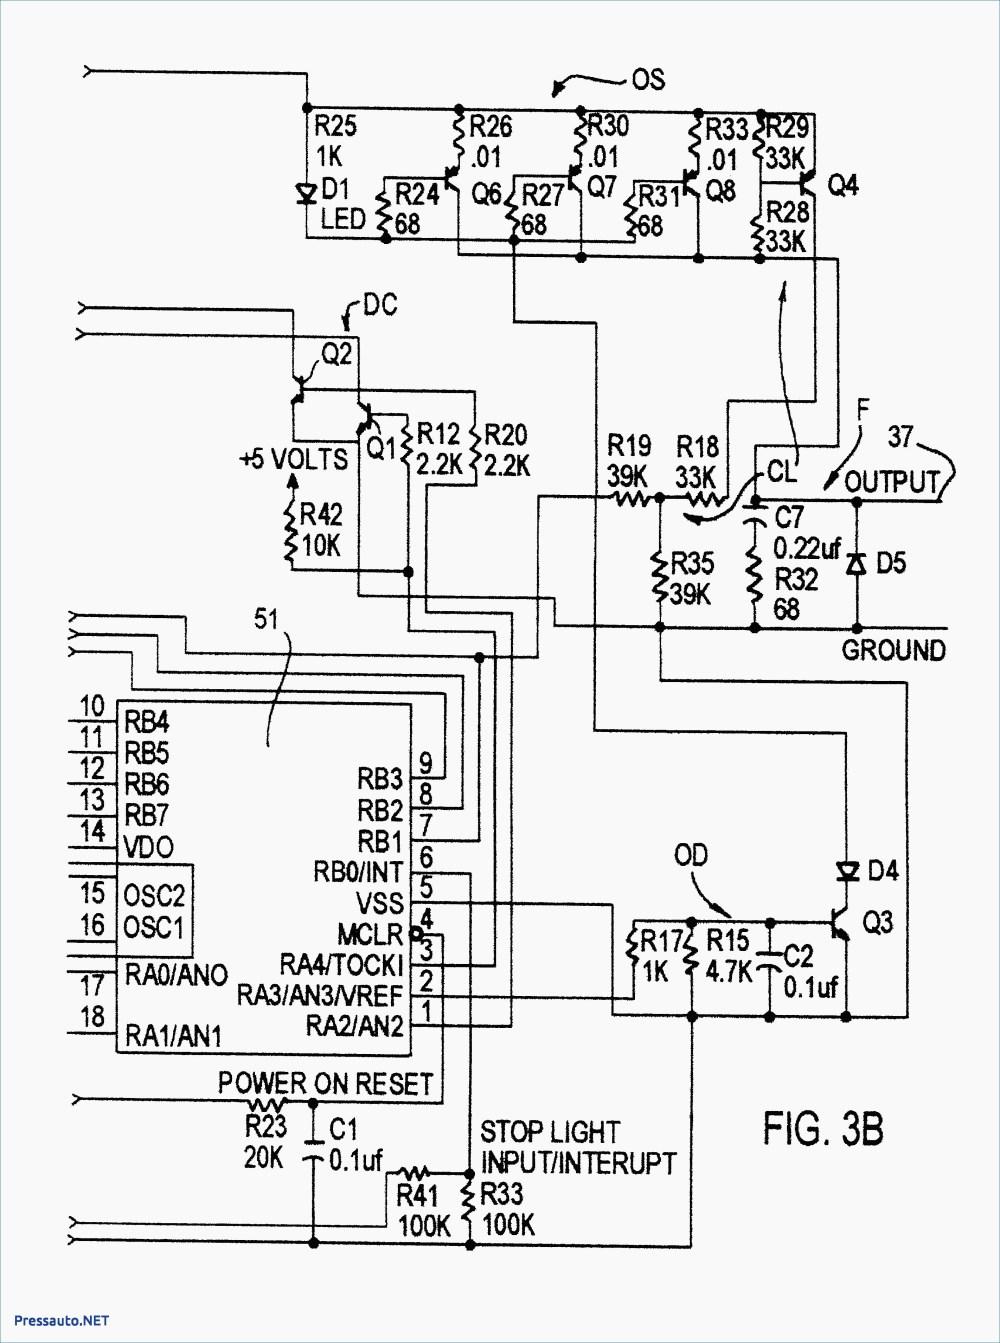 medium resolution of el camino wiring diagram 1965 chevelle wiring diagram overdrive wiring diagram database of el camino